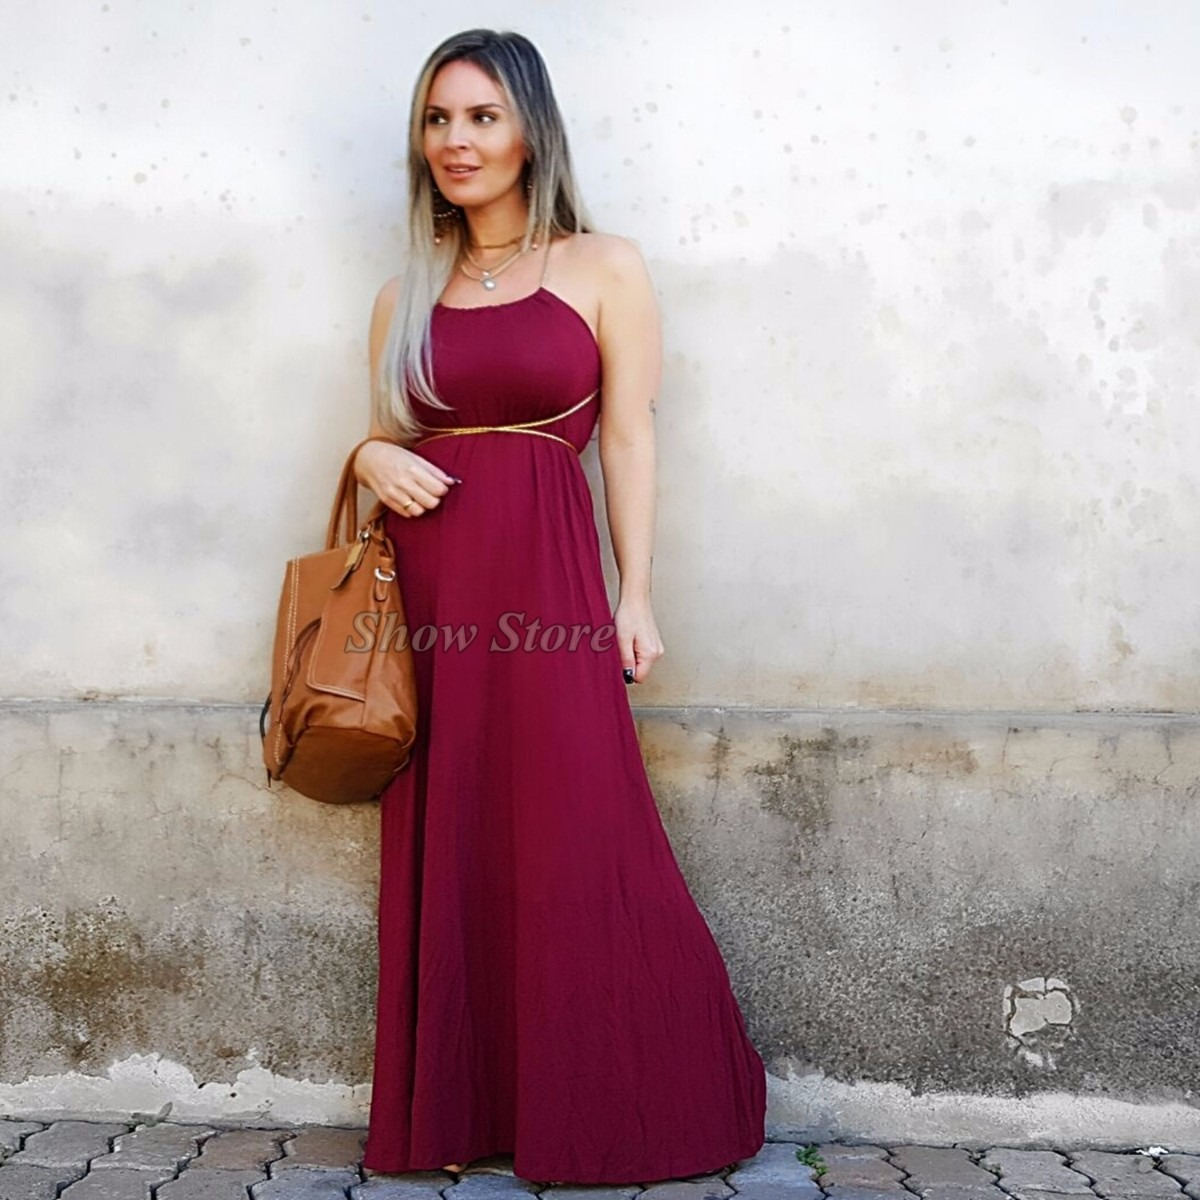 Vestido gestante barato mercado livre